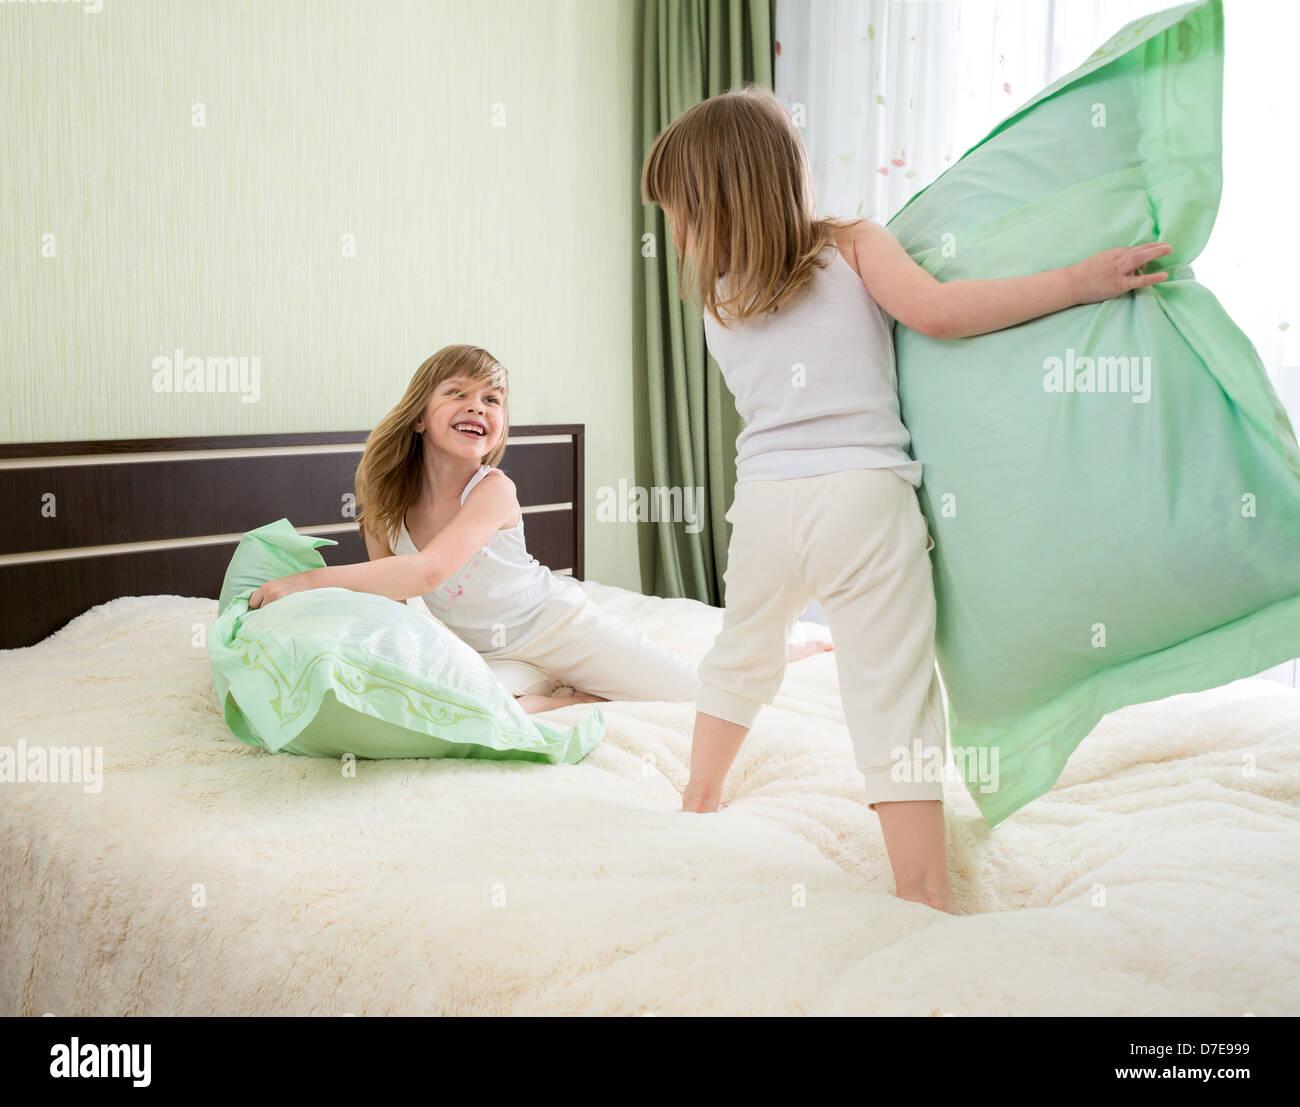 Dos niñas jugando con almohadas en dormitorio Imagen De Stock